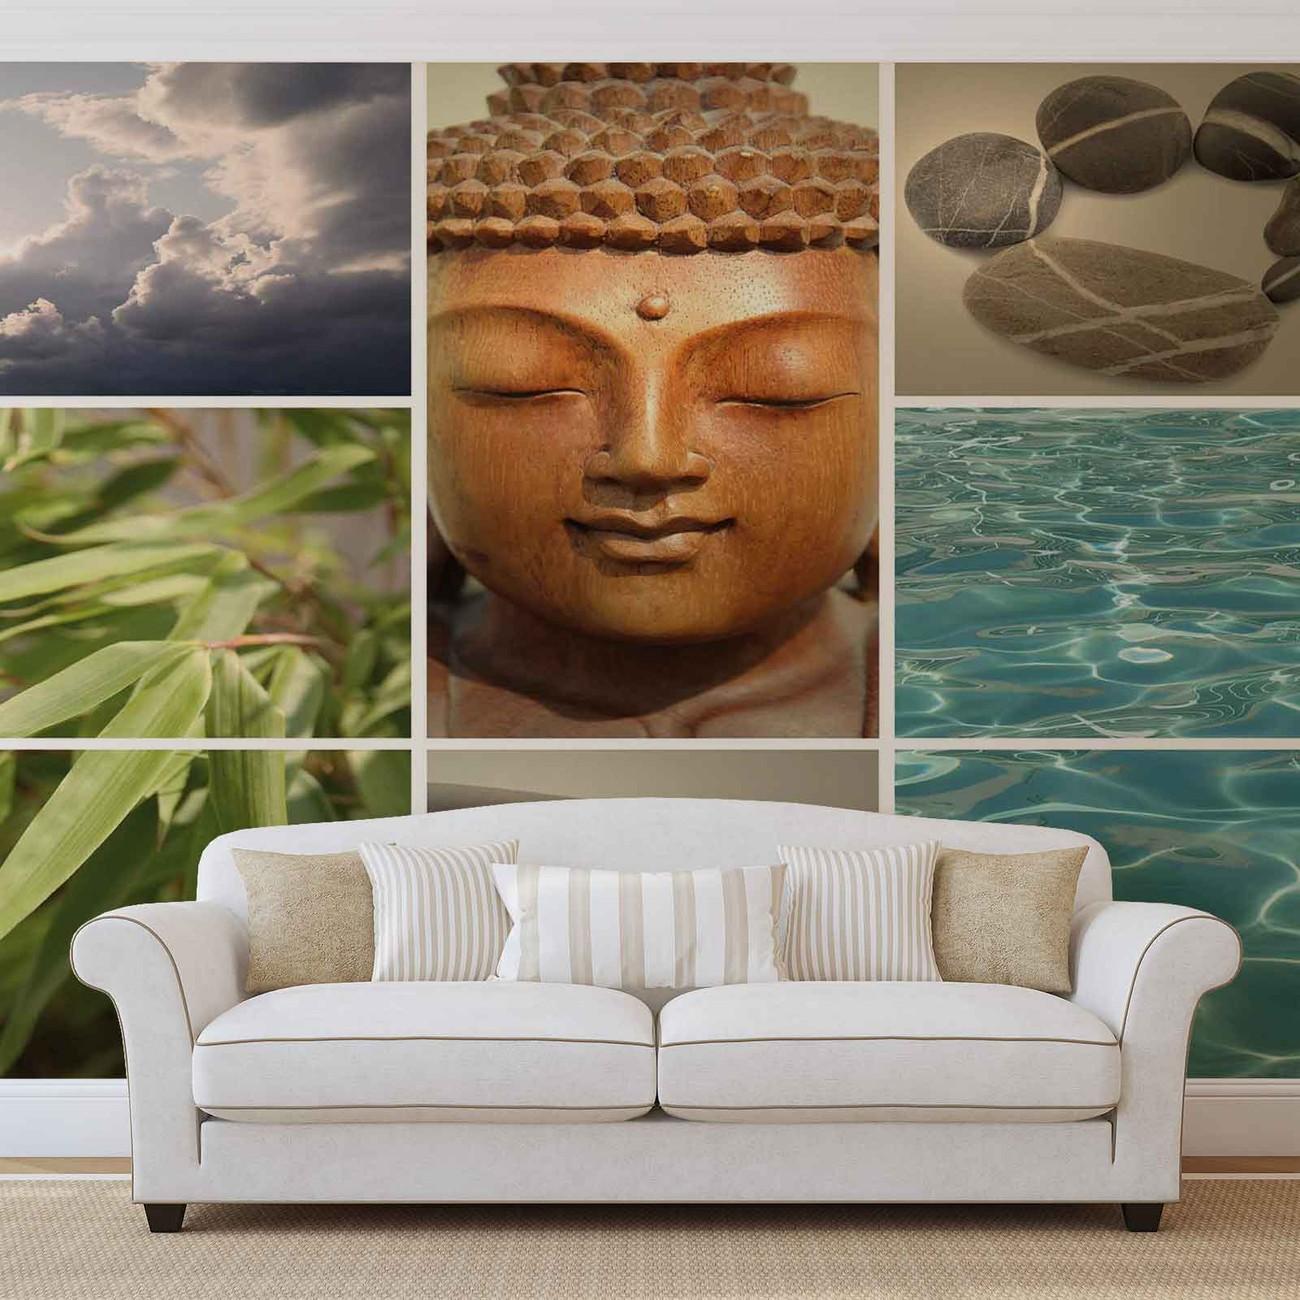 Zen calming scene wall paper mural buy at europosters for Poster mural zen deco